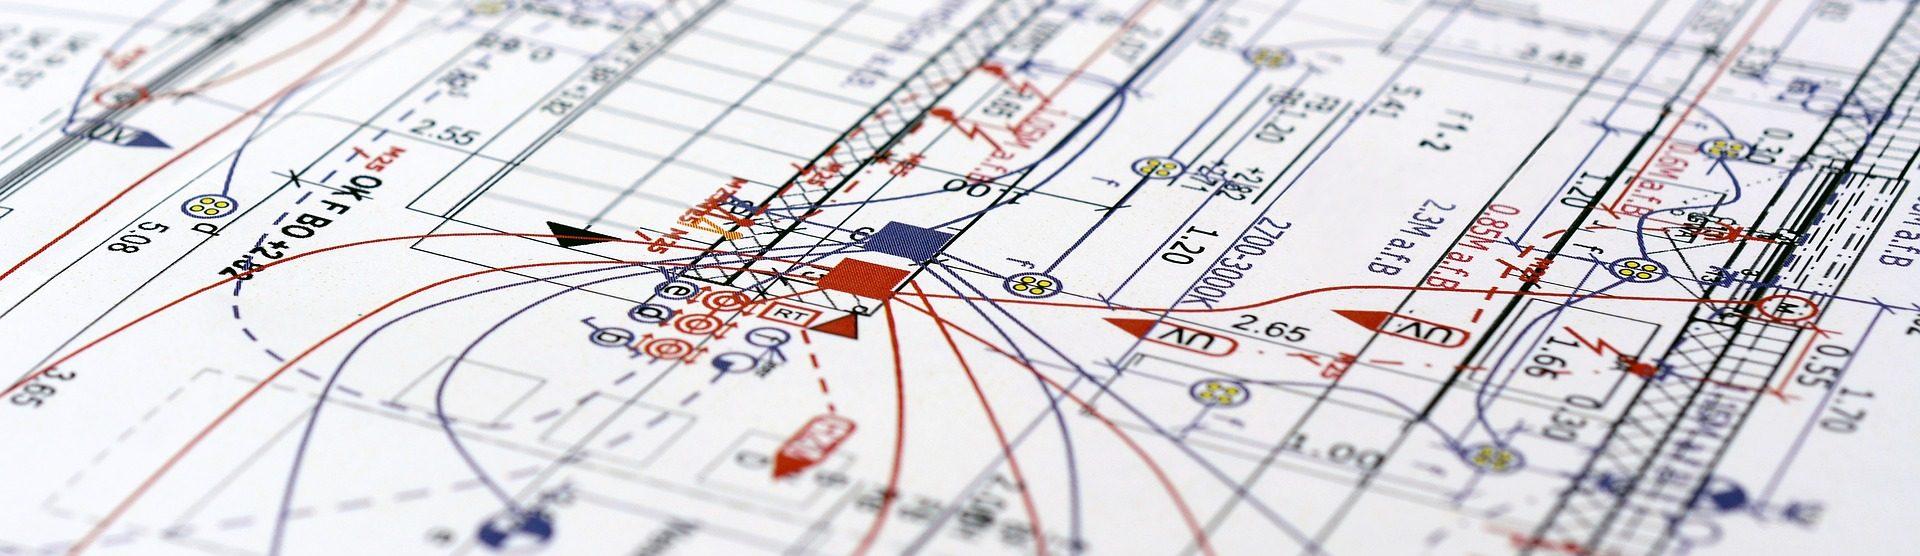 Montáž, elektroinštalácie - projektová dokumentácia silnoprúd do 1000V